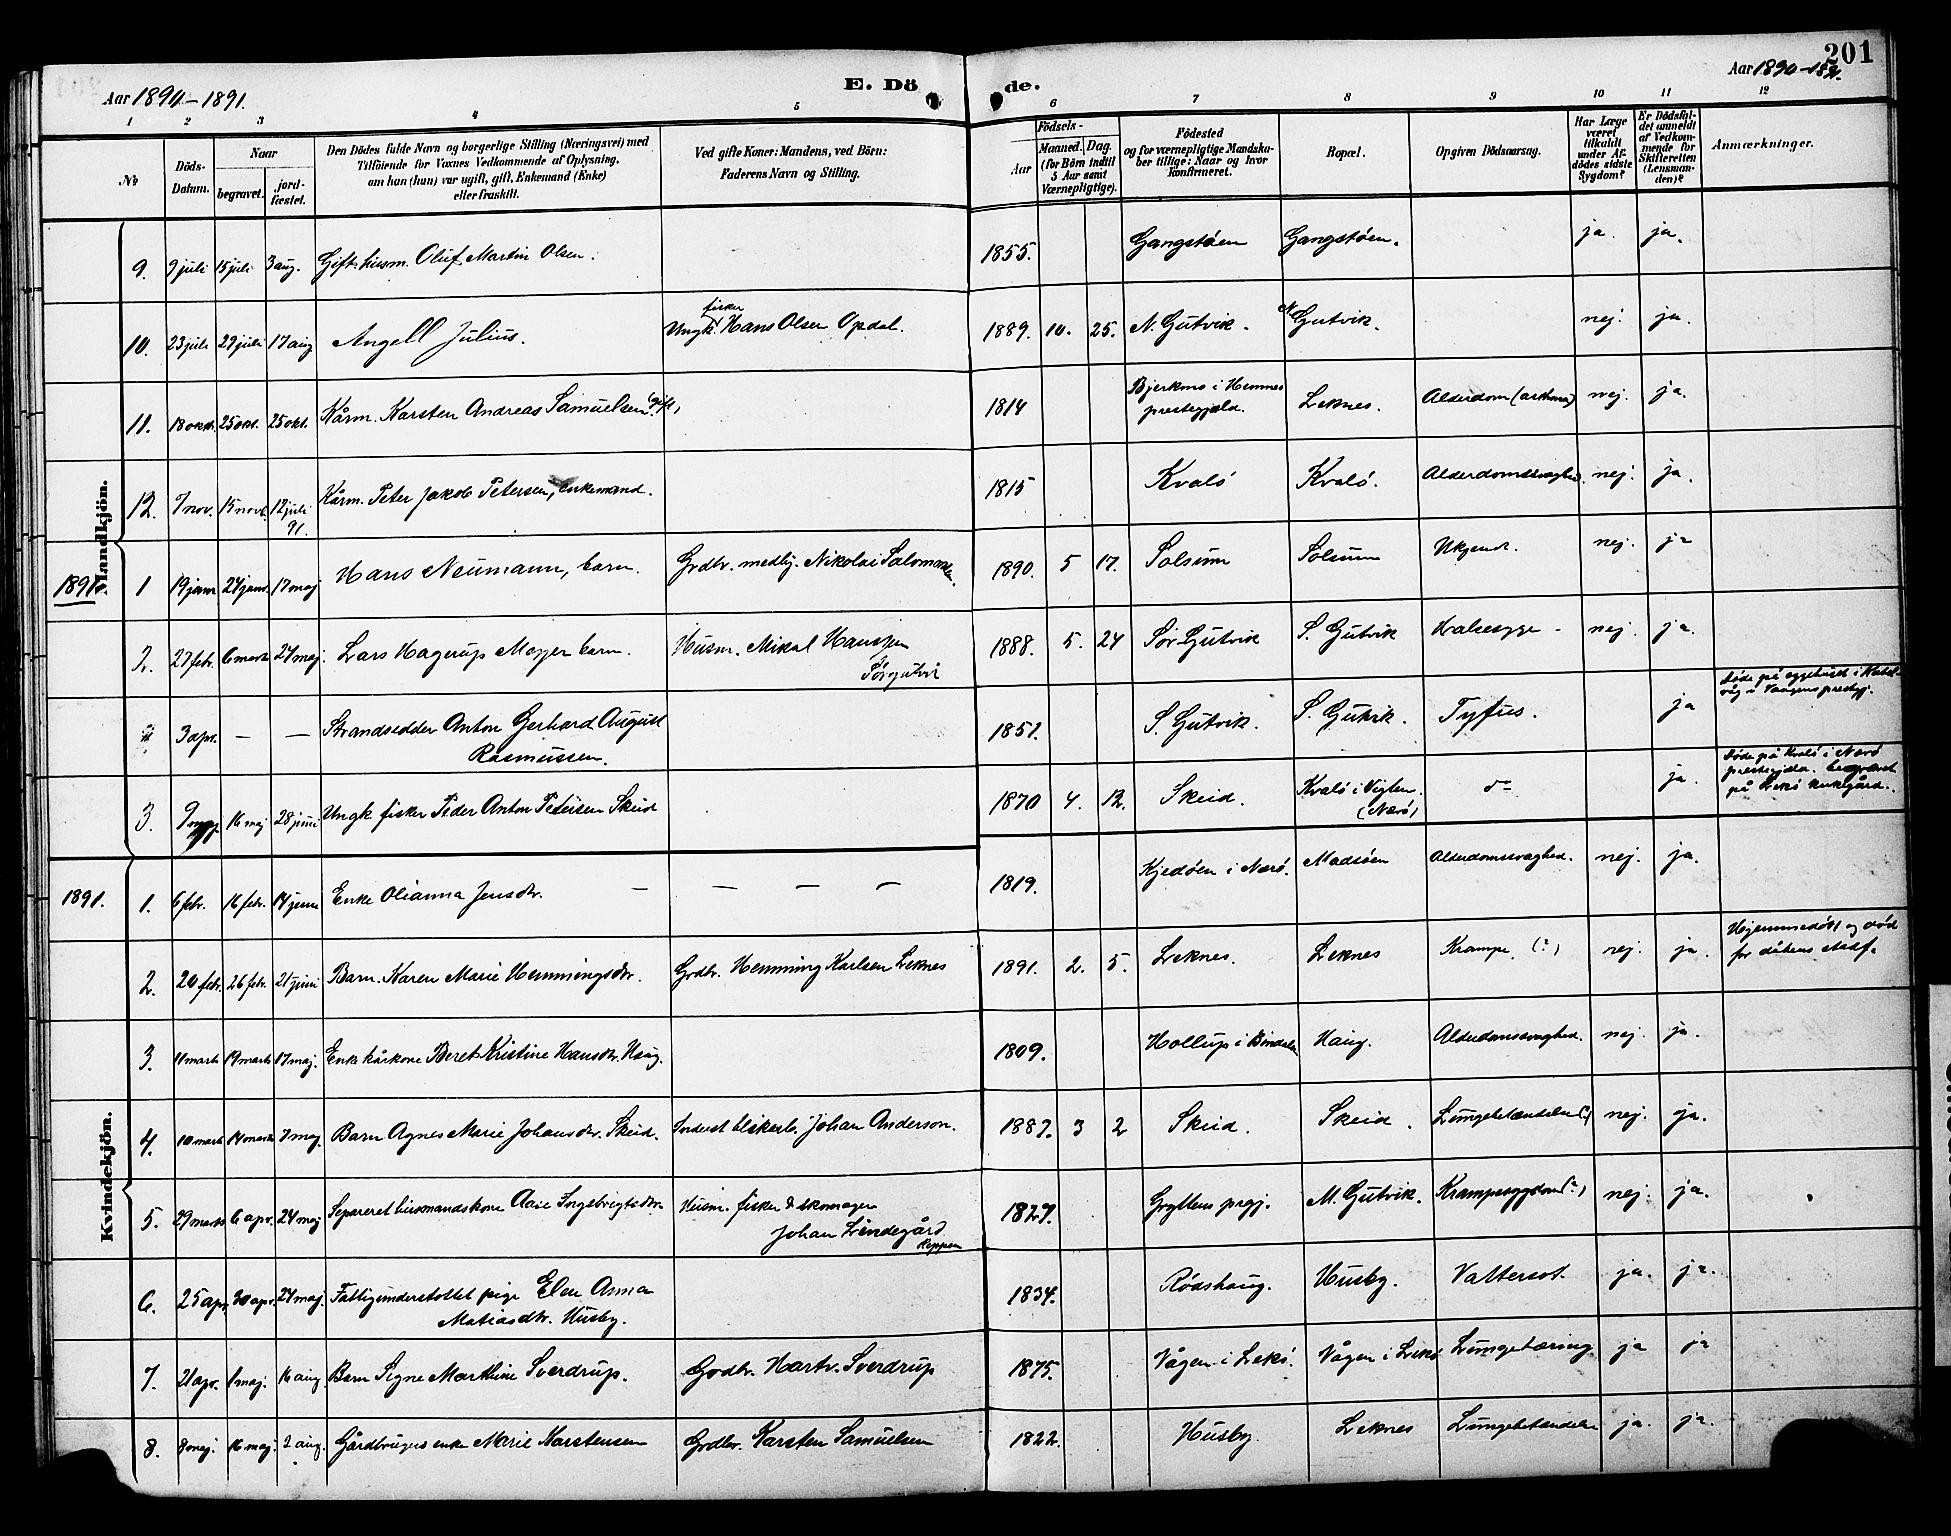 SAT, Ministerialprotokoller, klokkerbøker og fødselsregistre - Nord-Trøndelag, 788/L0701: Klokkerbok nr. 788C01, 1888-1913, s. 201